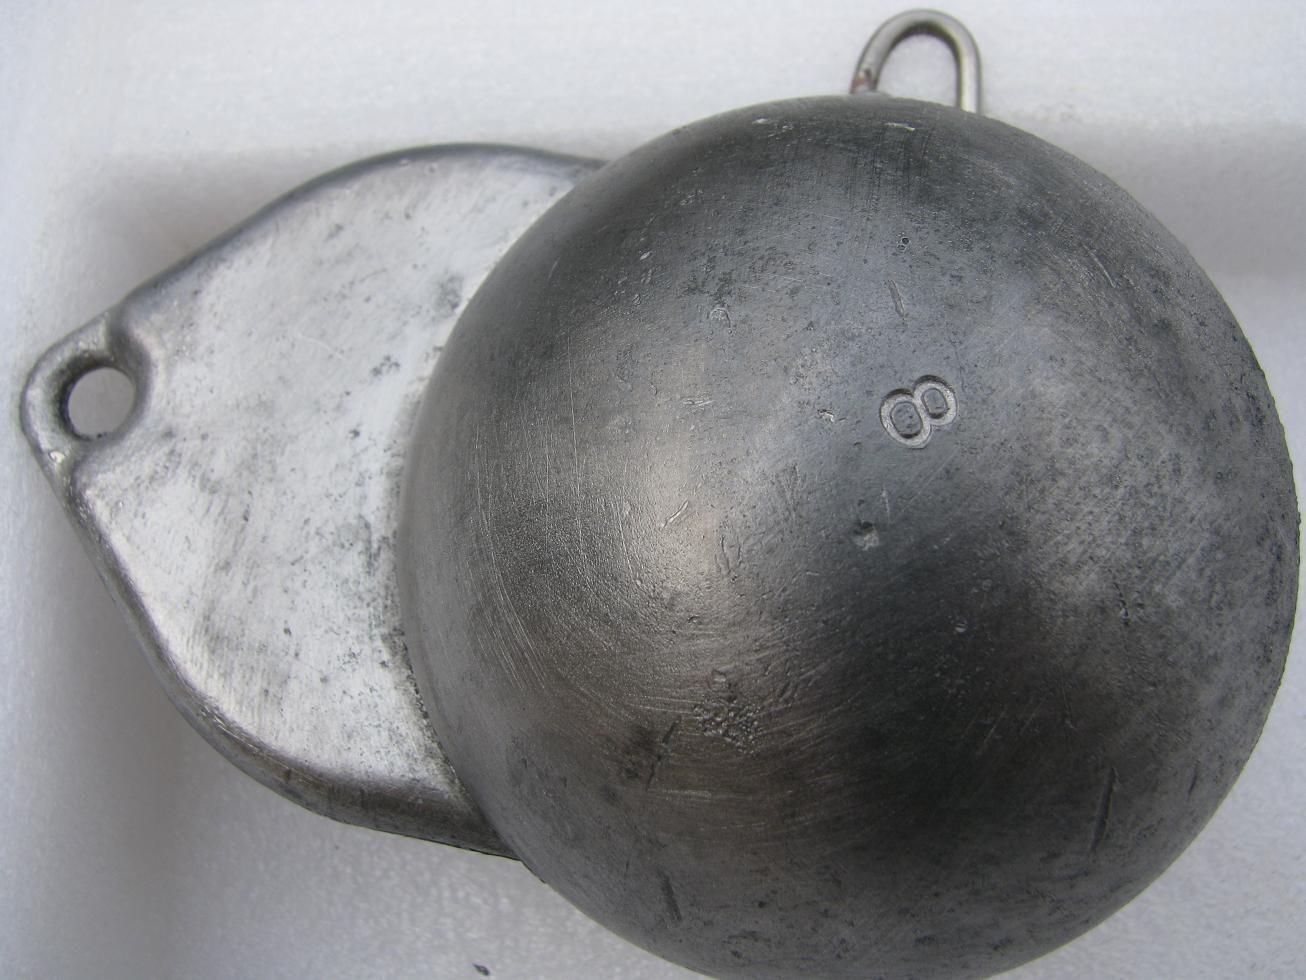 Meeresblei JB  Downriggerblei   Downrigger-Blei  1,65 kg  Downriggerbleie 1650 g